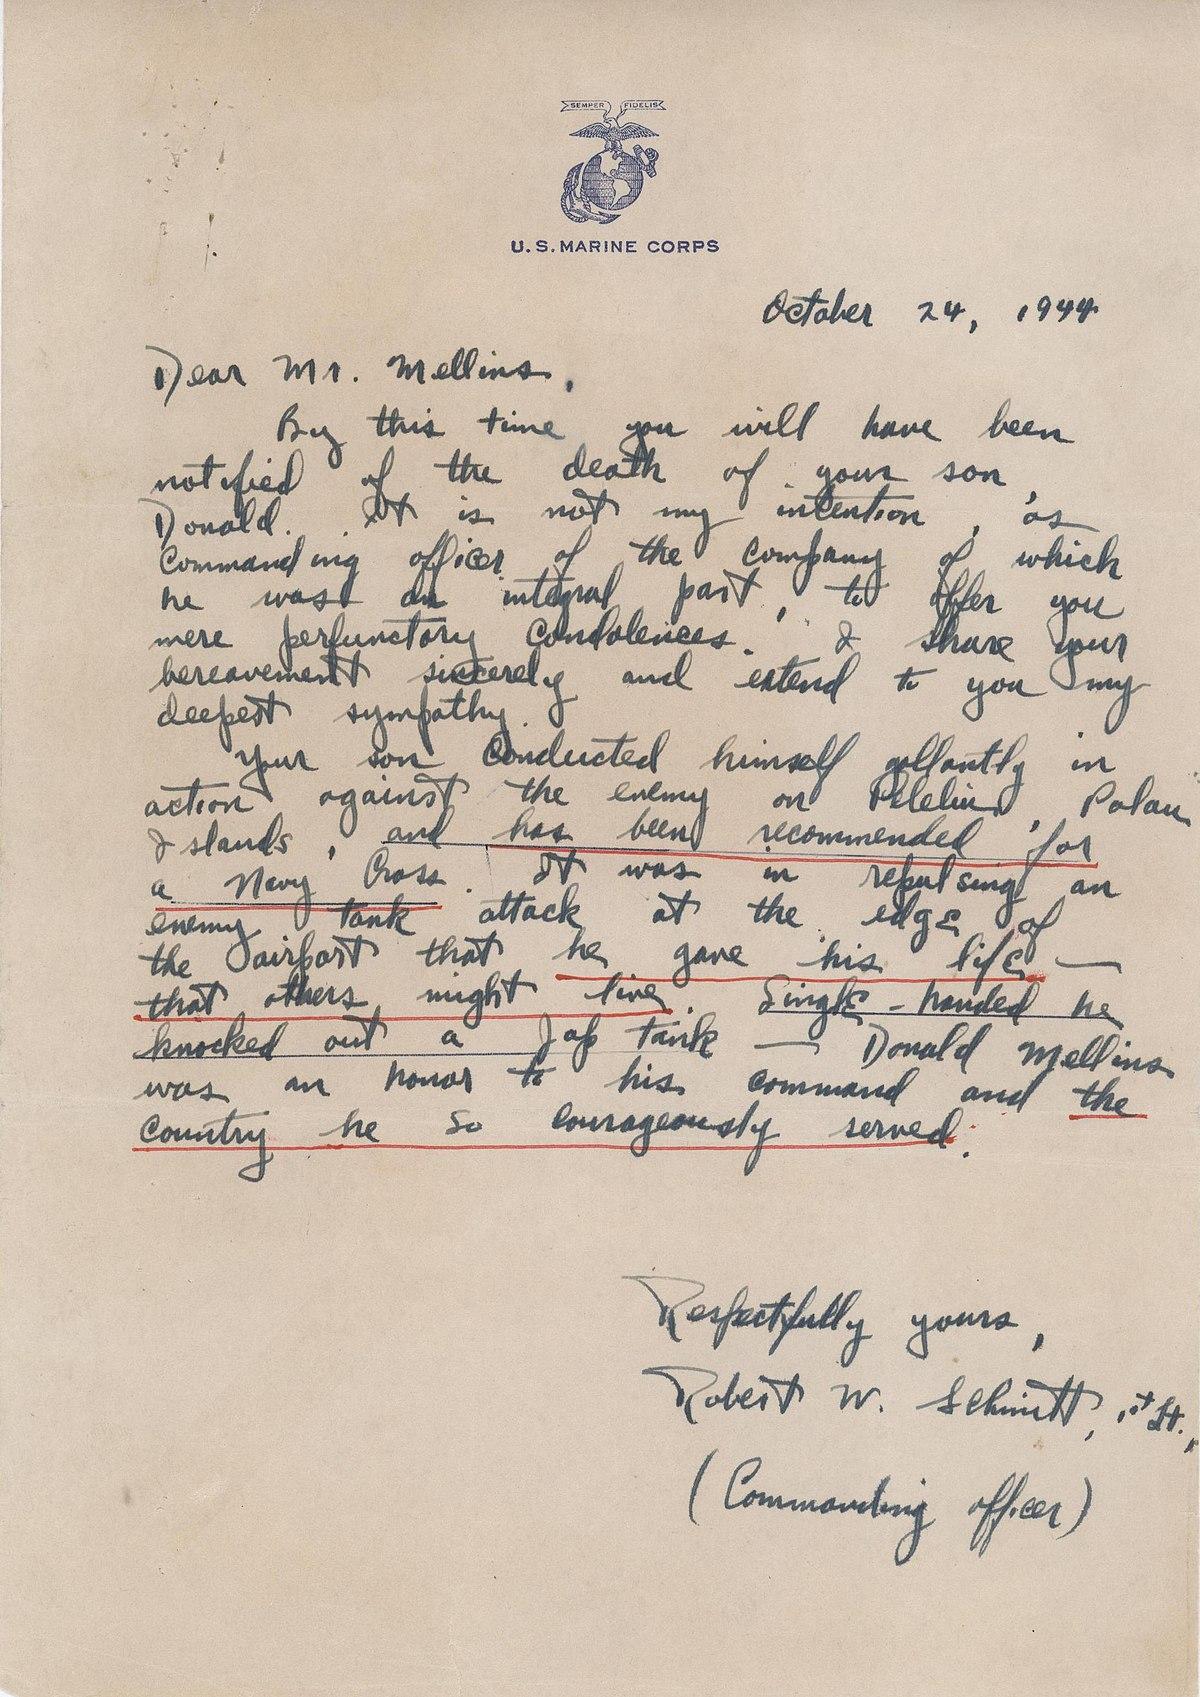 filecondolence letter 24 october 1944 8778798899